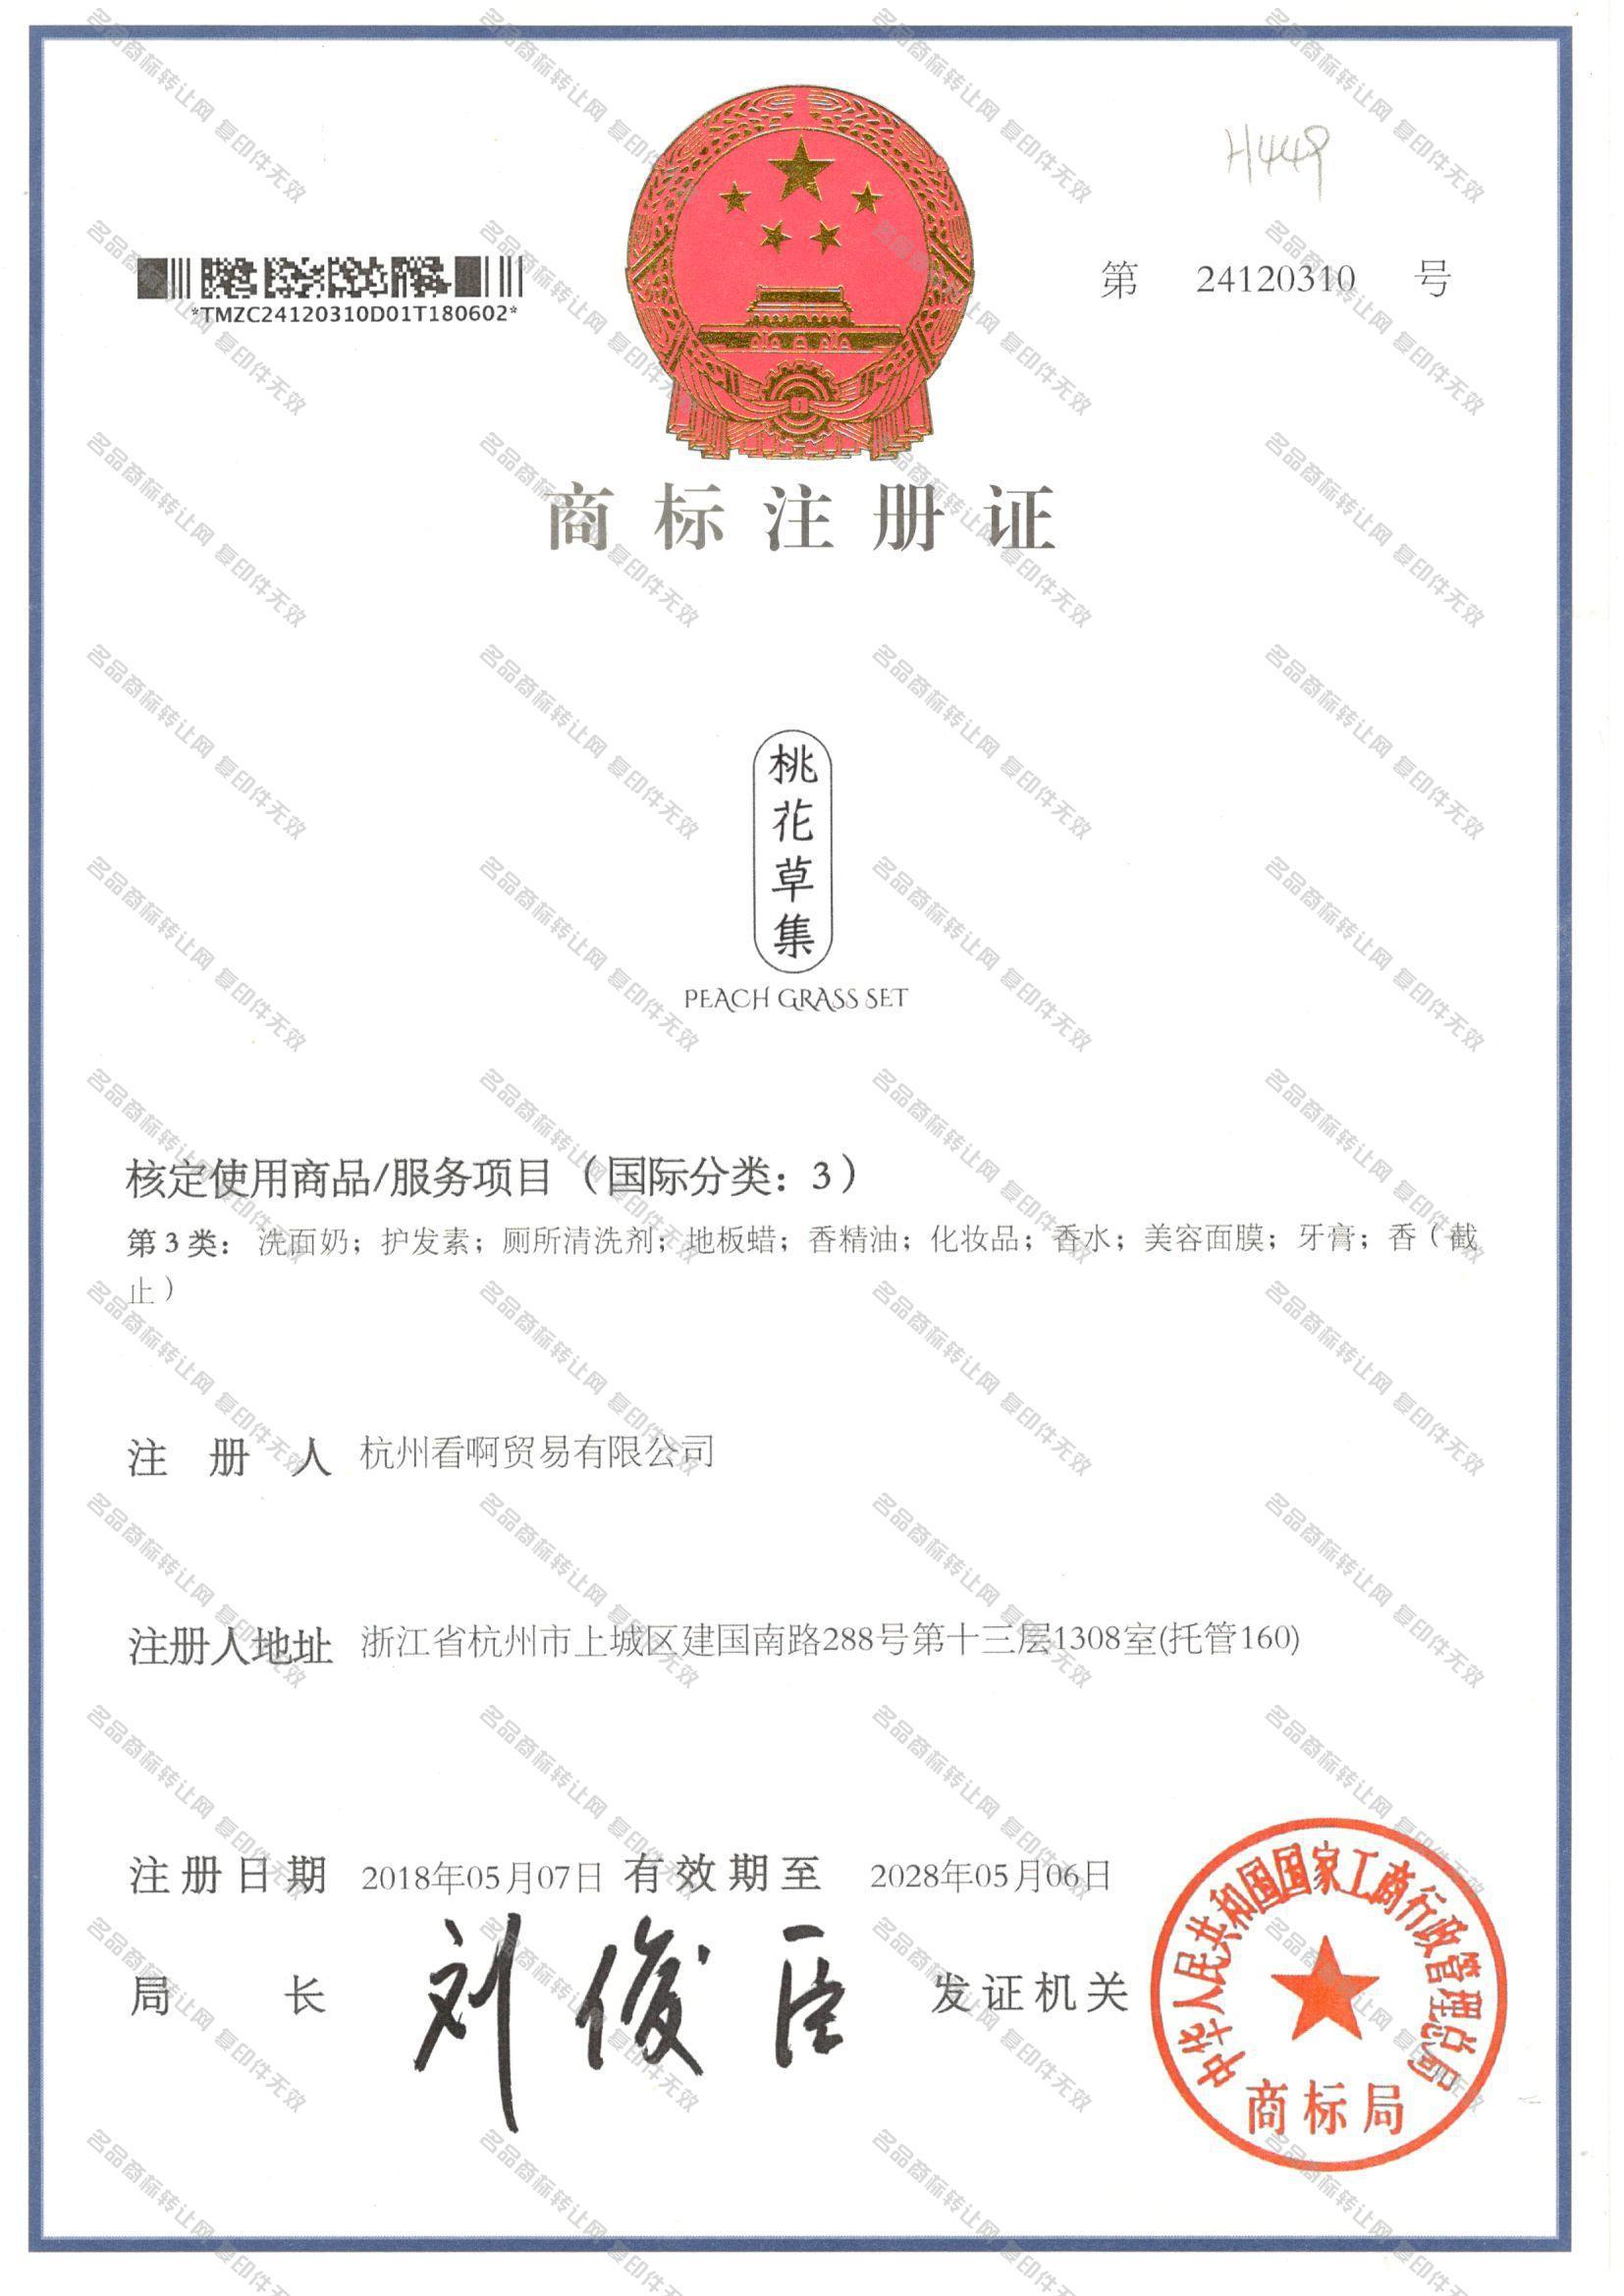 桃花草集PEACH GRASS SET注册证